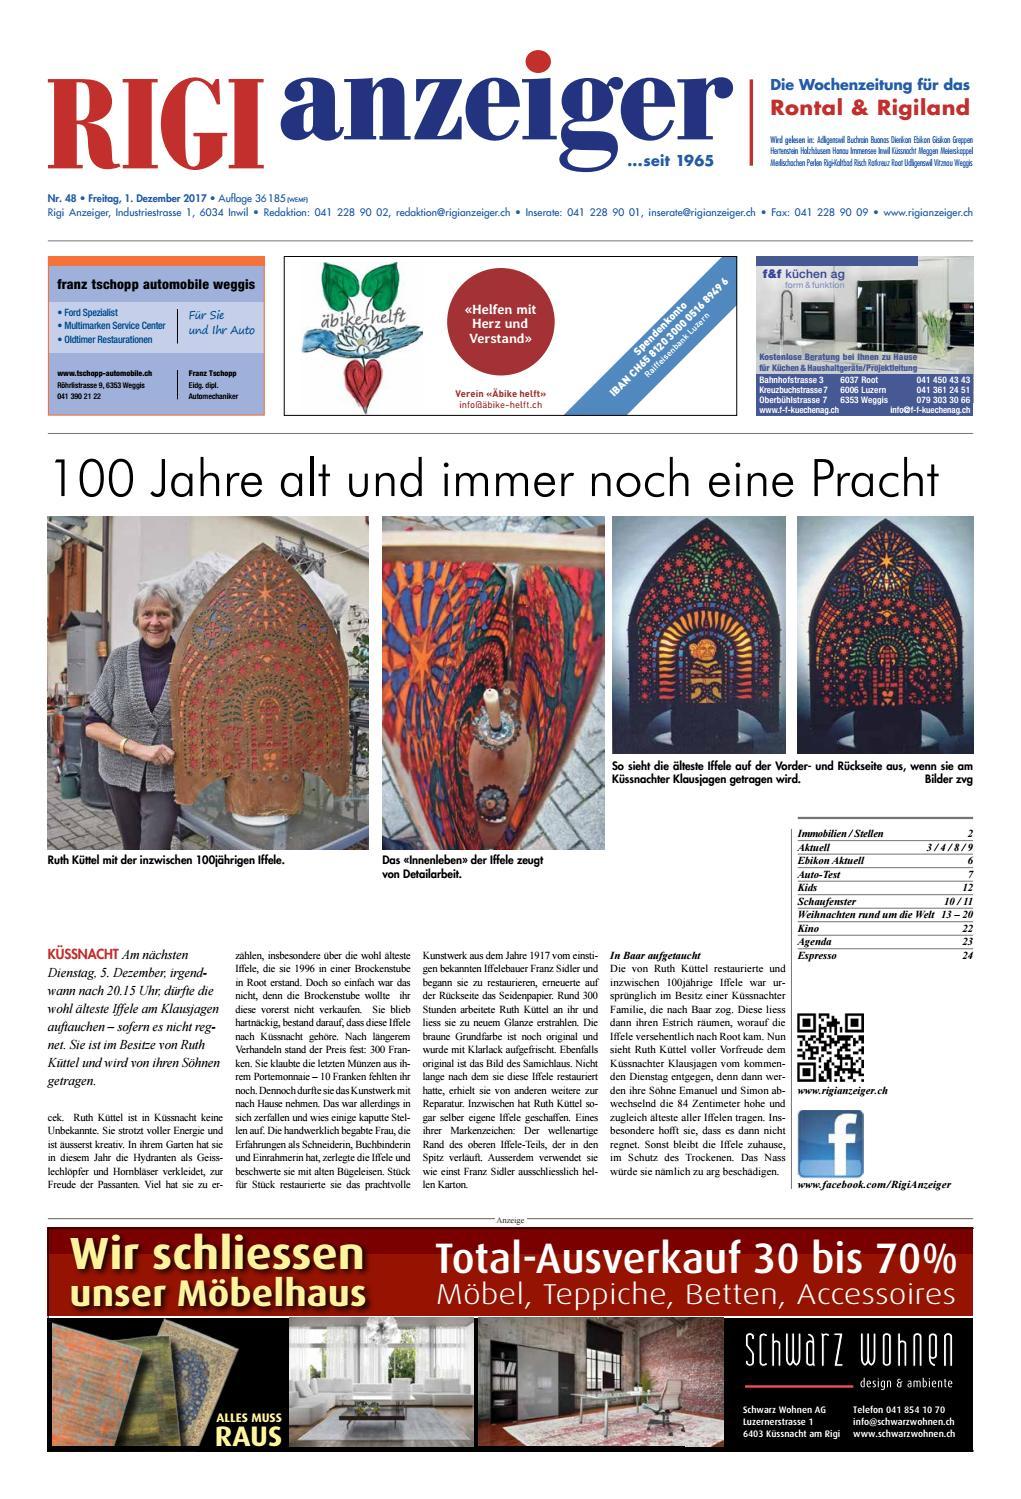 Rigi Anzeiger, 1. Dezember 2017 by Rigi Anzeiger GmbH - issuu